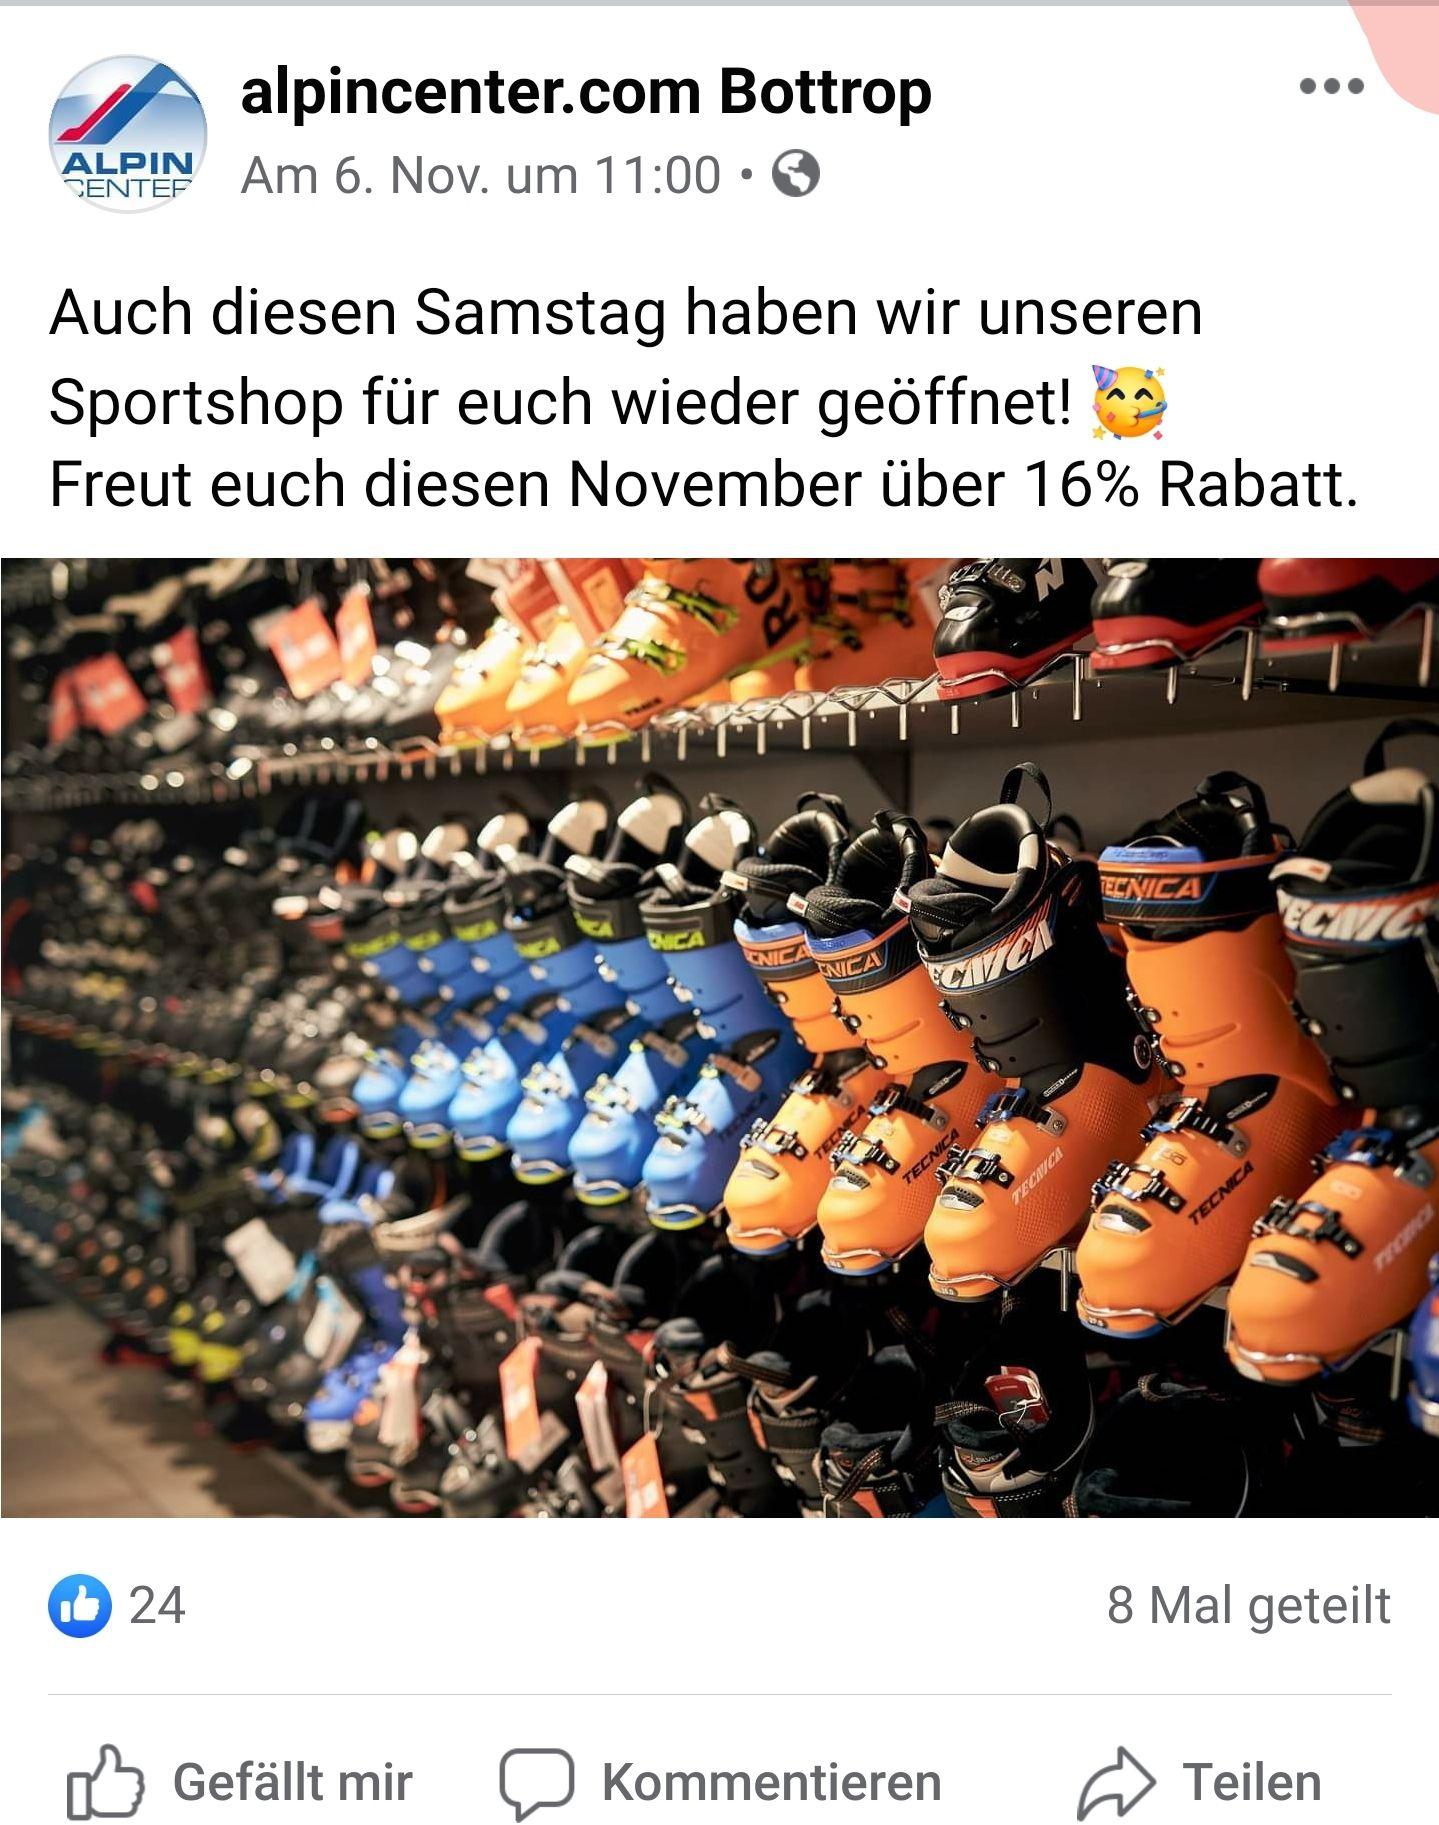 [lokal Bottrop] intersport Alpincenter Bottrop: 16% Rabatt auf alle Wintersportartikel (Bekleidung,Ski,SNB)